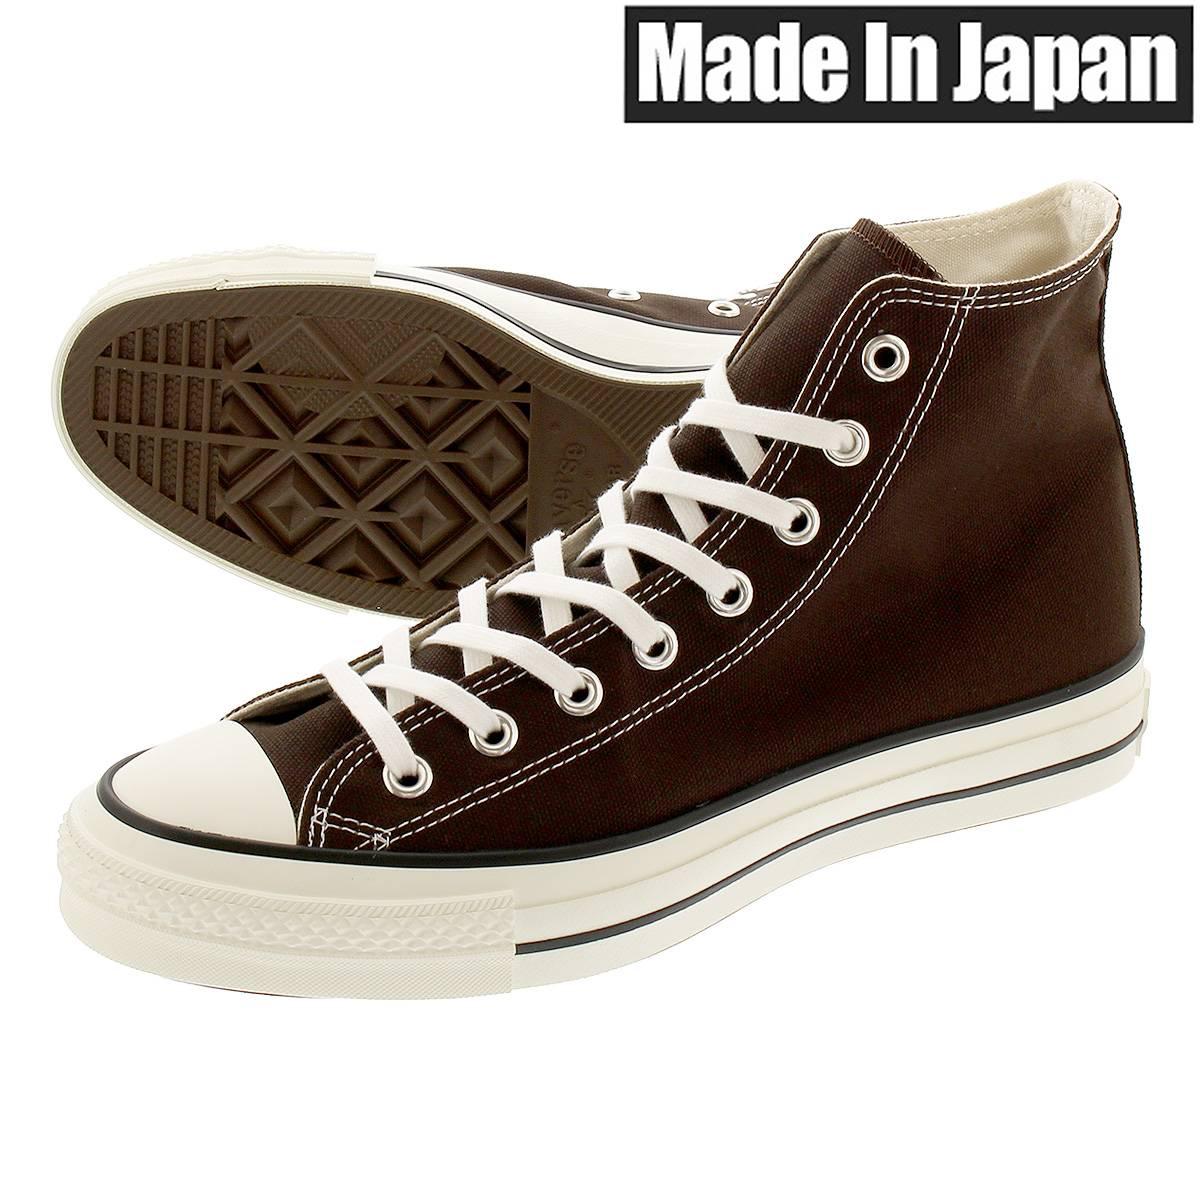 メンズ靴, スニーカー CONVERSE CANVAS ALL STAR J HI MADE IN JAPAN J DARK BROWN 31302680